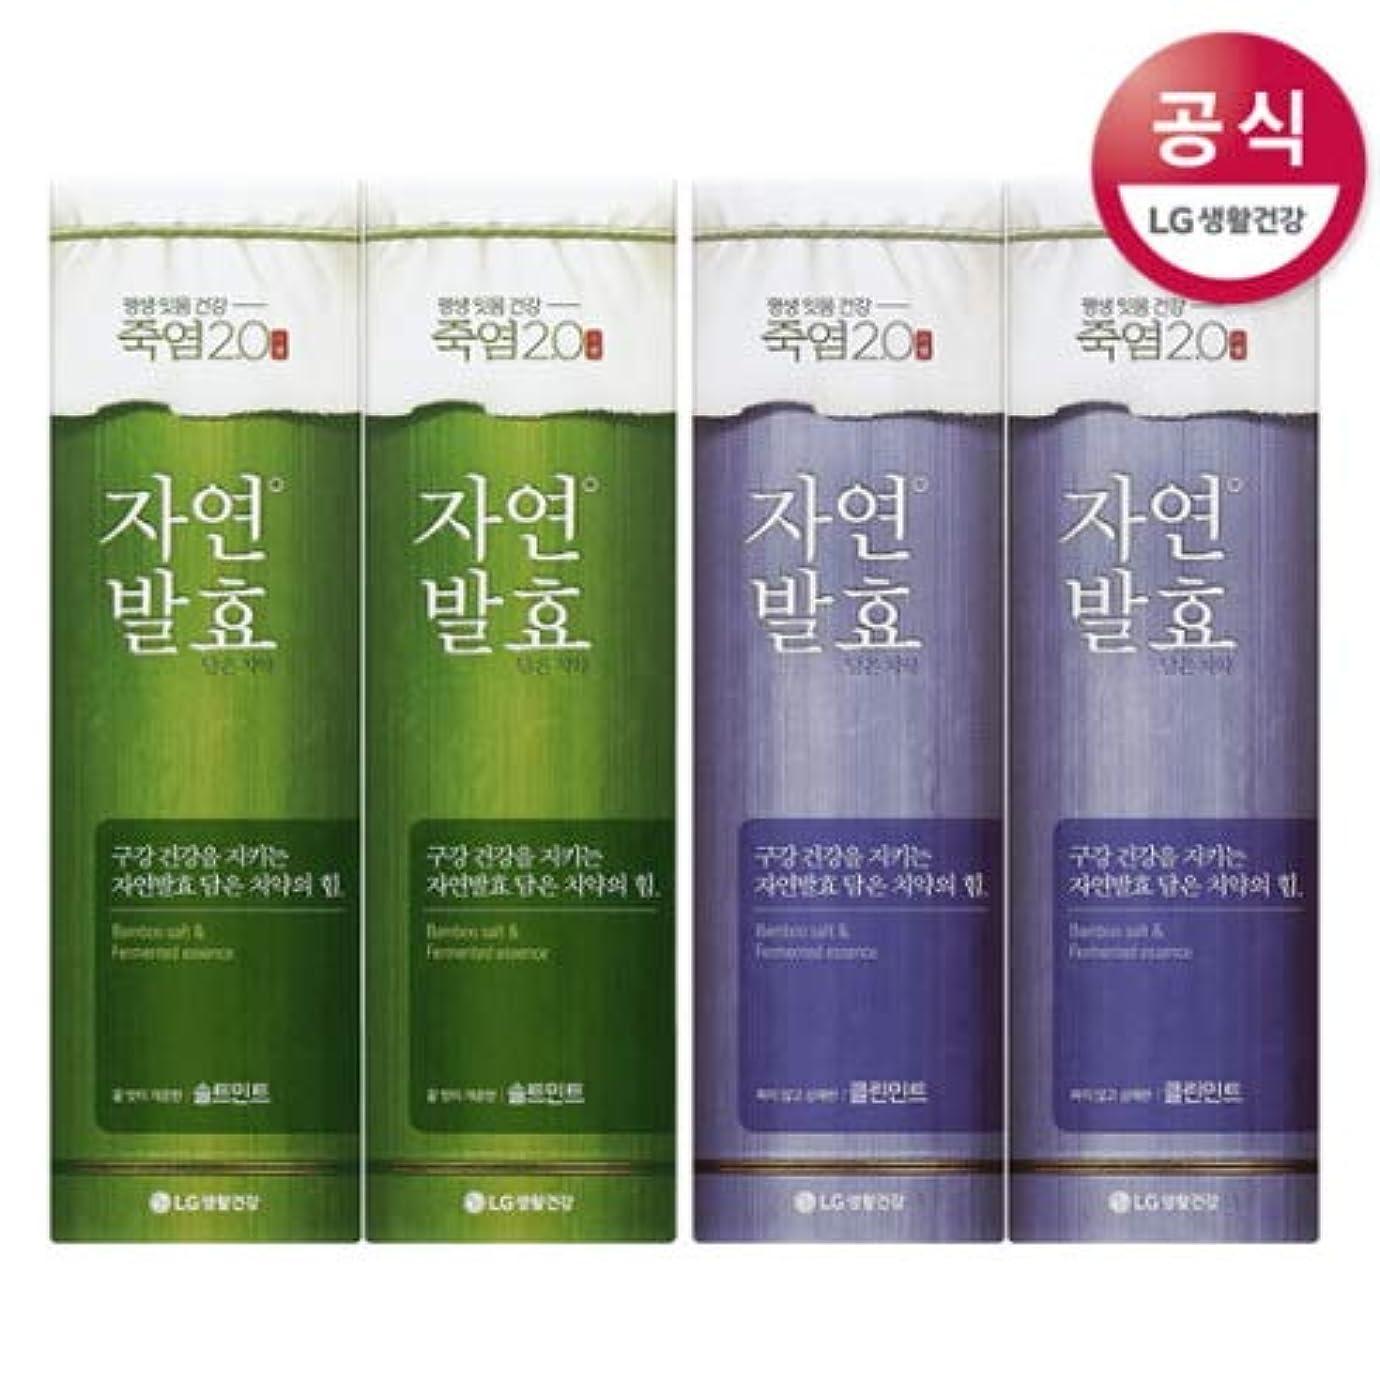 放置明らかに受け入れ[LG HnB] Bamboo salt natural fermentation toothpaste/竹塩自然発酵入れた歯磨き粉 100gx4個(海外直送品)